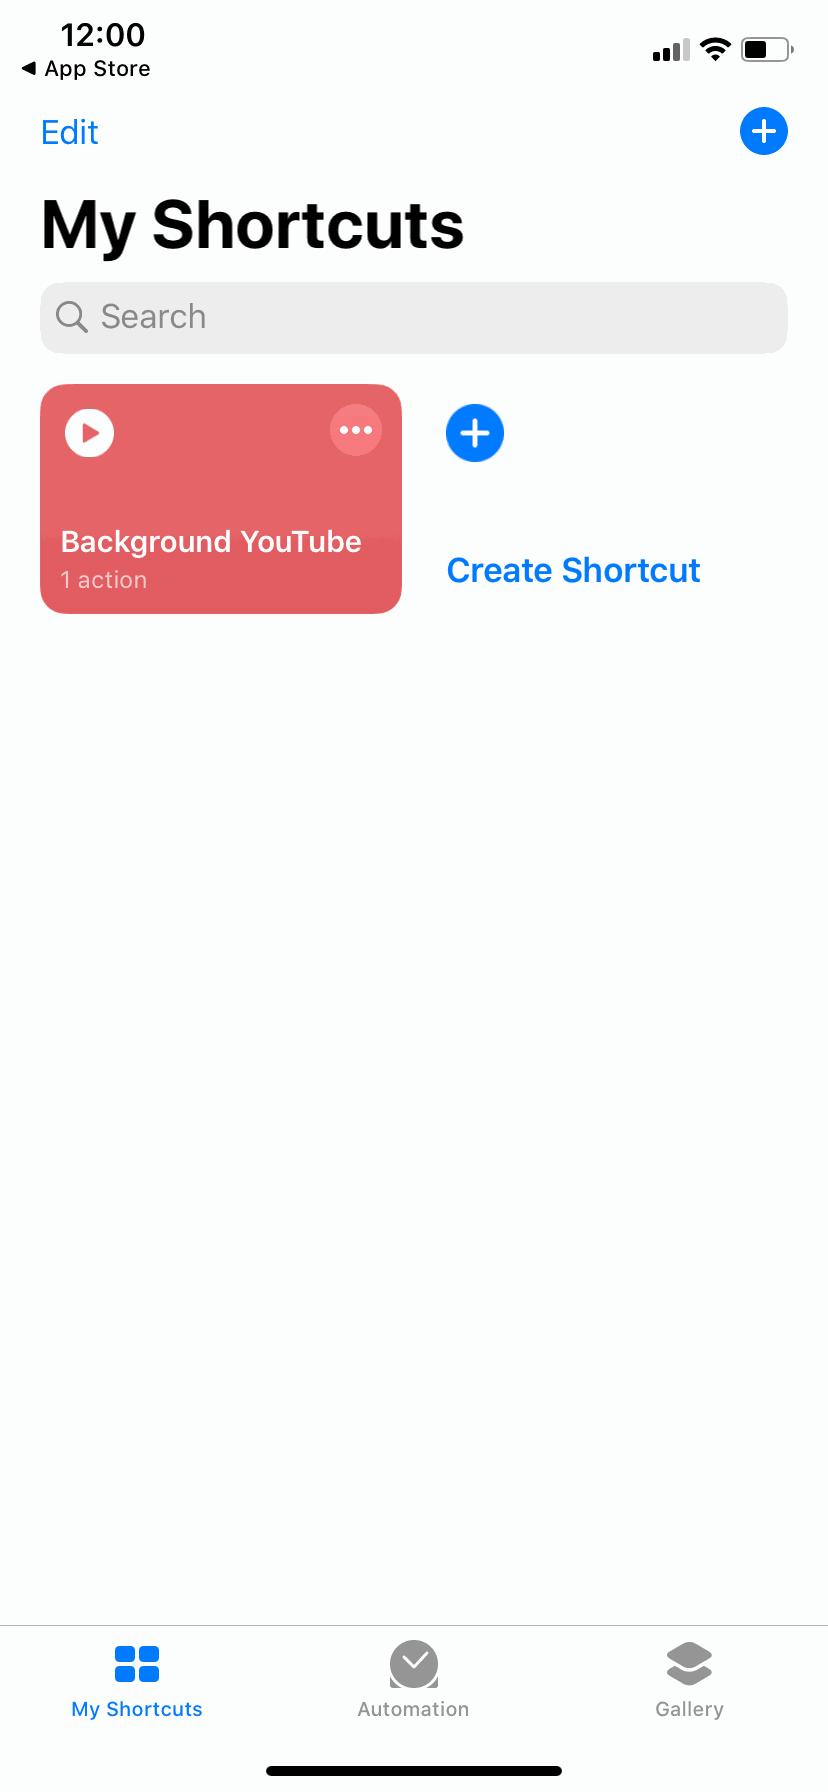 2) ดาวน์โหลด คำสั่งลัด Background Youtube / ที่นี่ แล้วเราก็จะได้คำสั่งลัดเพิ่มขึ้นมาตามรูปในโปรแกรม Shortcuts